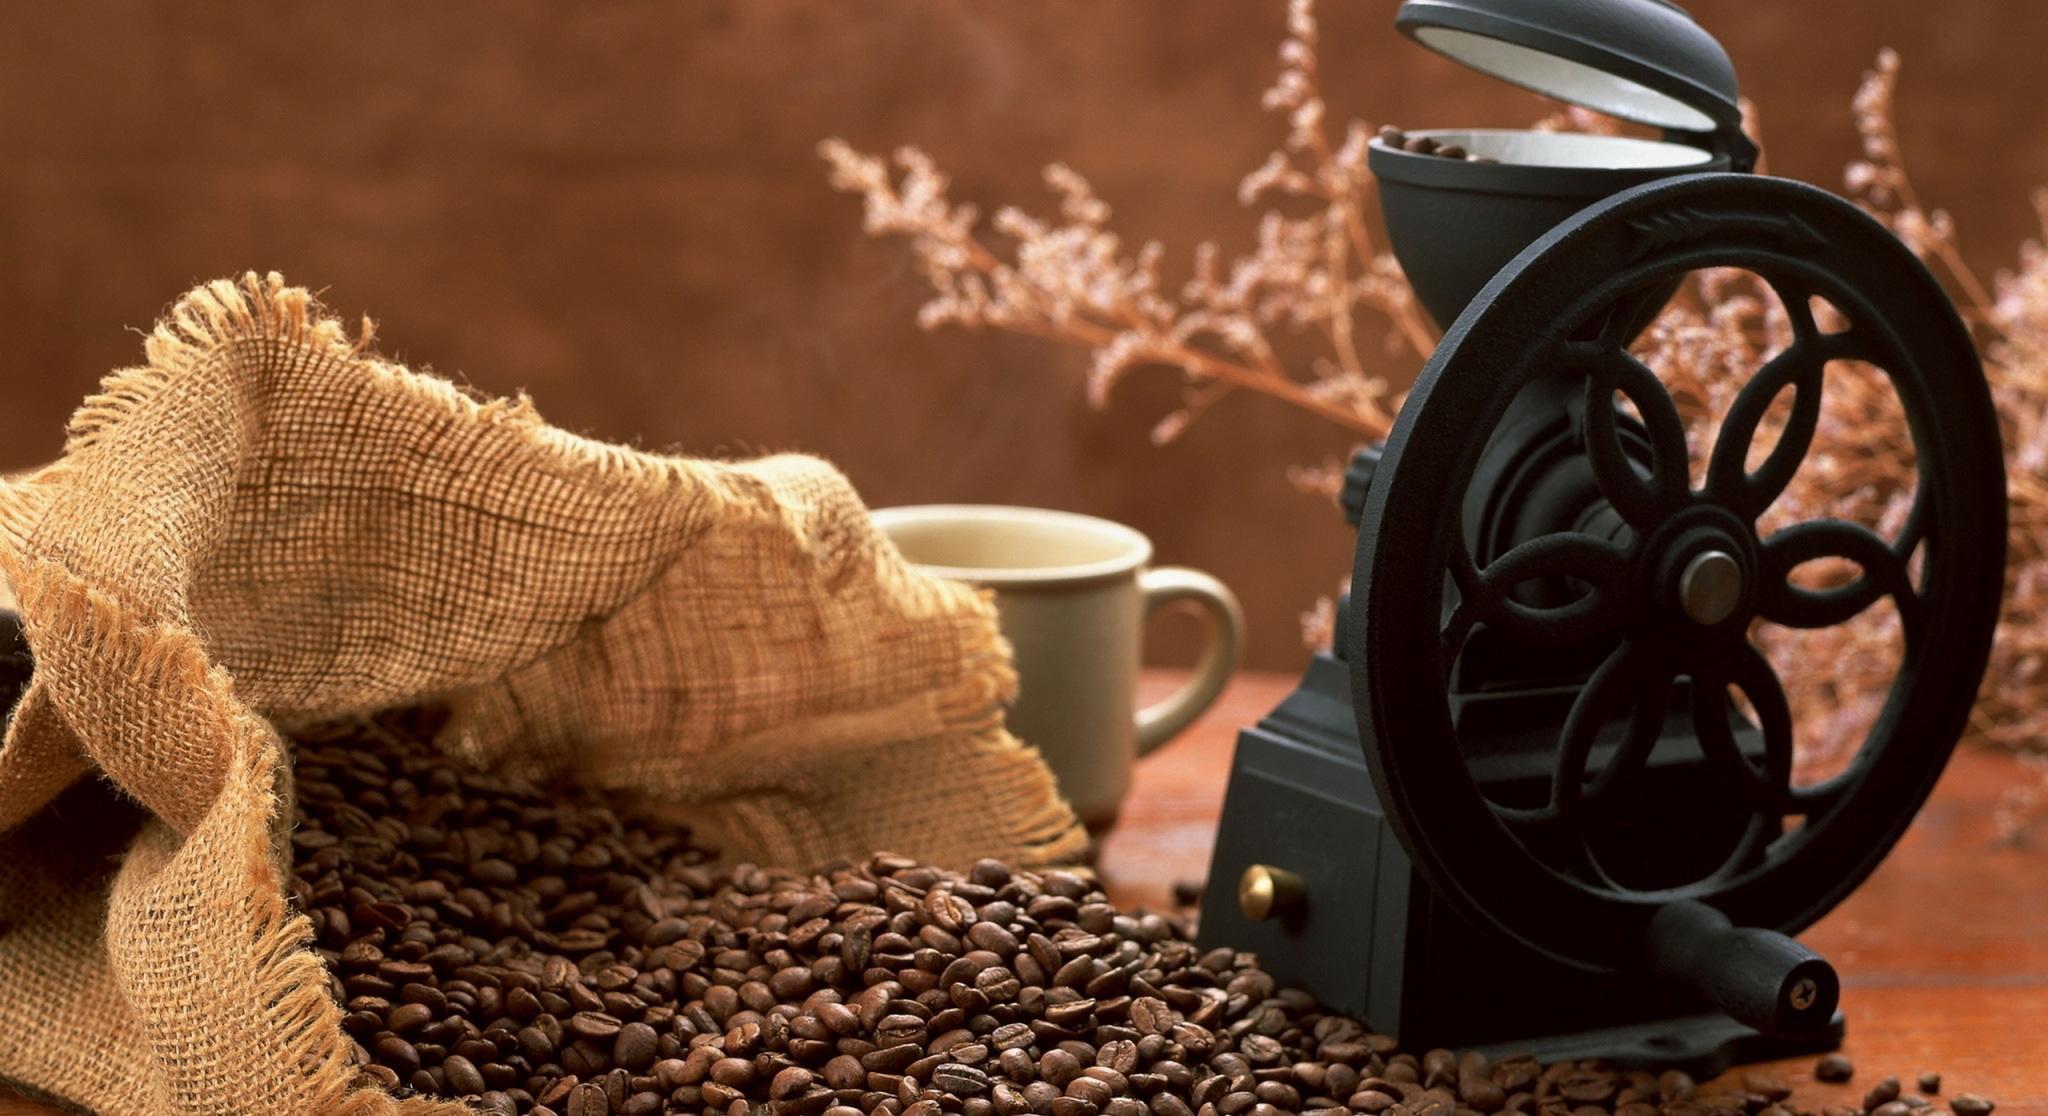 Ein Bild einer alten Kaffeemühle mit frisch gerösteten Kaffeebohnen.